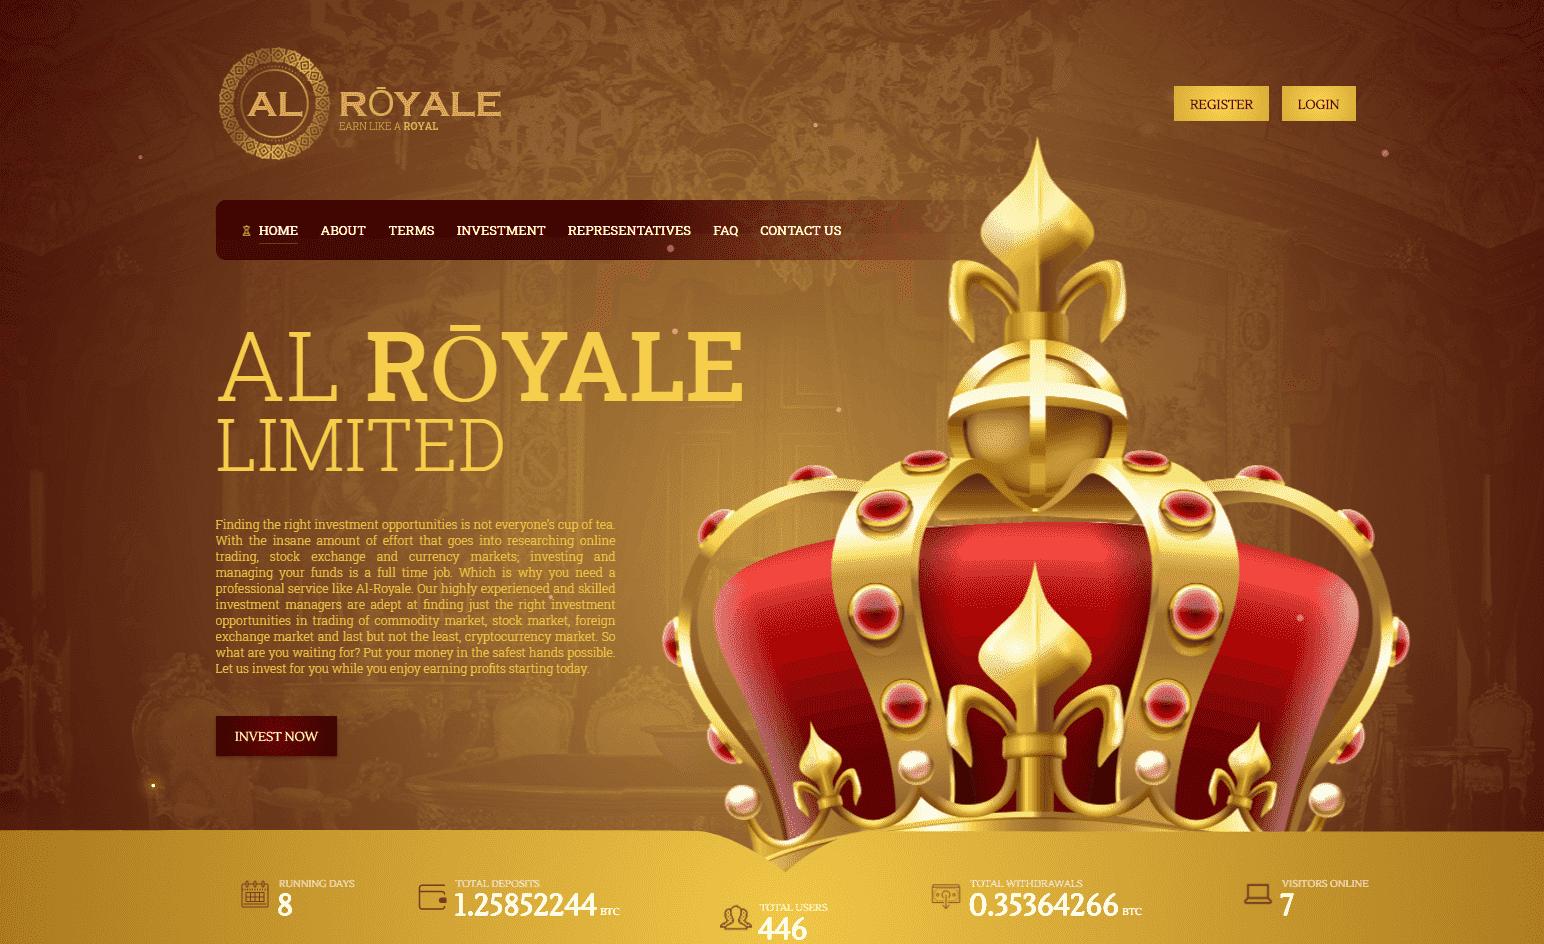 Al-royale